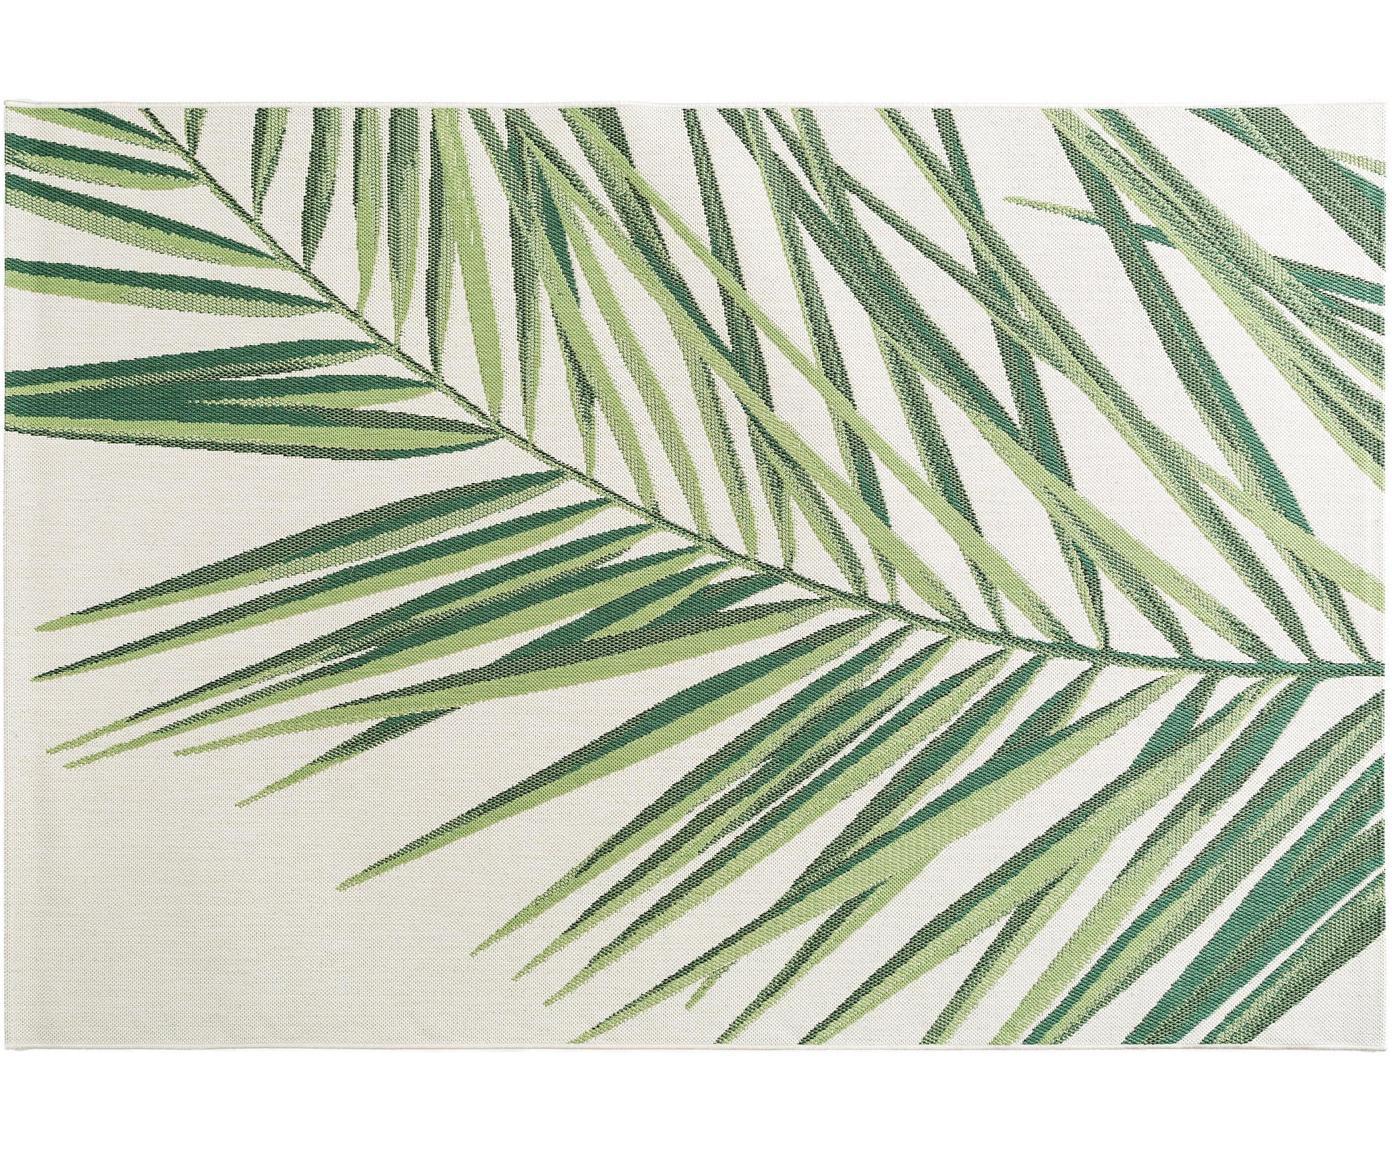 Tappeto da interno-esterno Capri Palm, Polipropilene, Verde, beige, Larg. 80 x Lung. 150 cm (taglia XS)